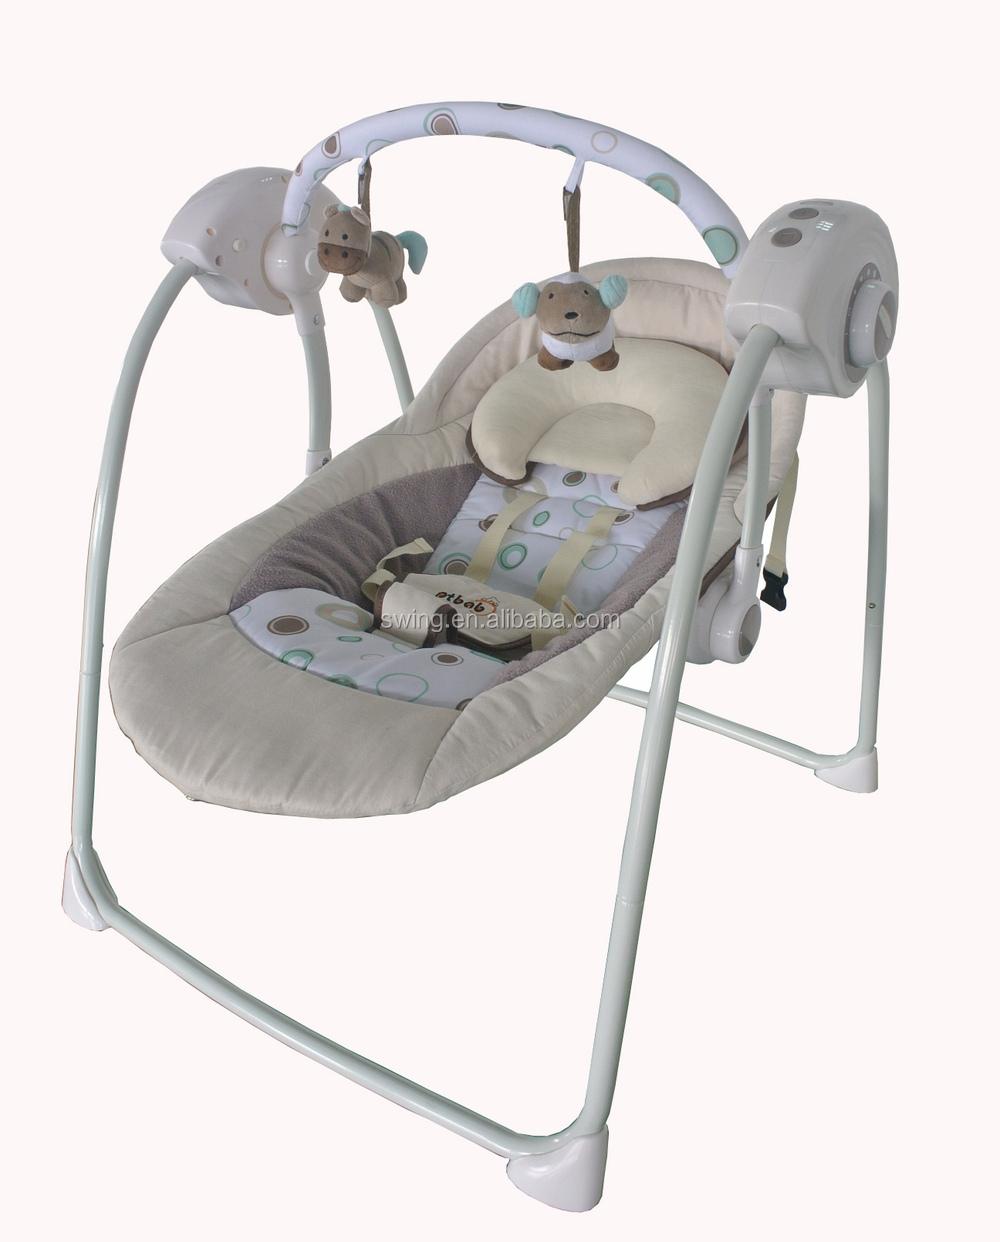 Baby Schommelstoel Automatisch.Automatische Schommel Baby Sarkarijobs